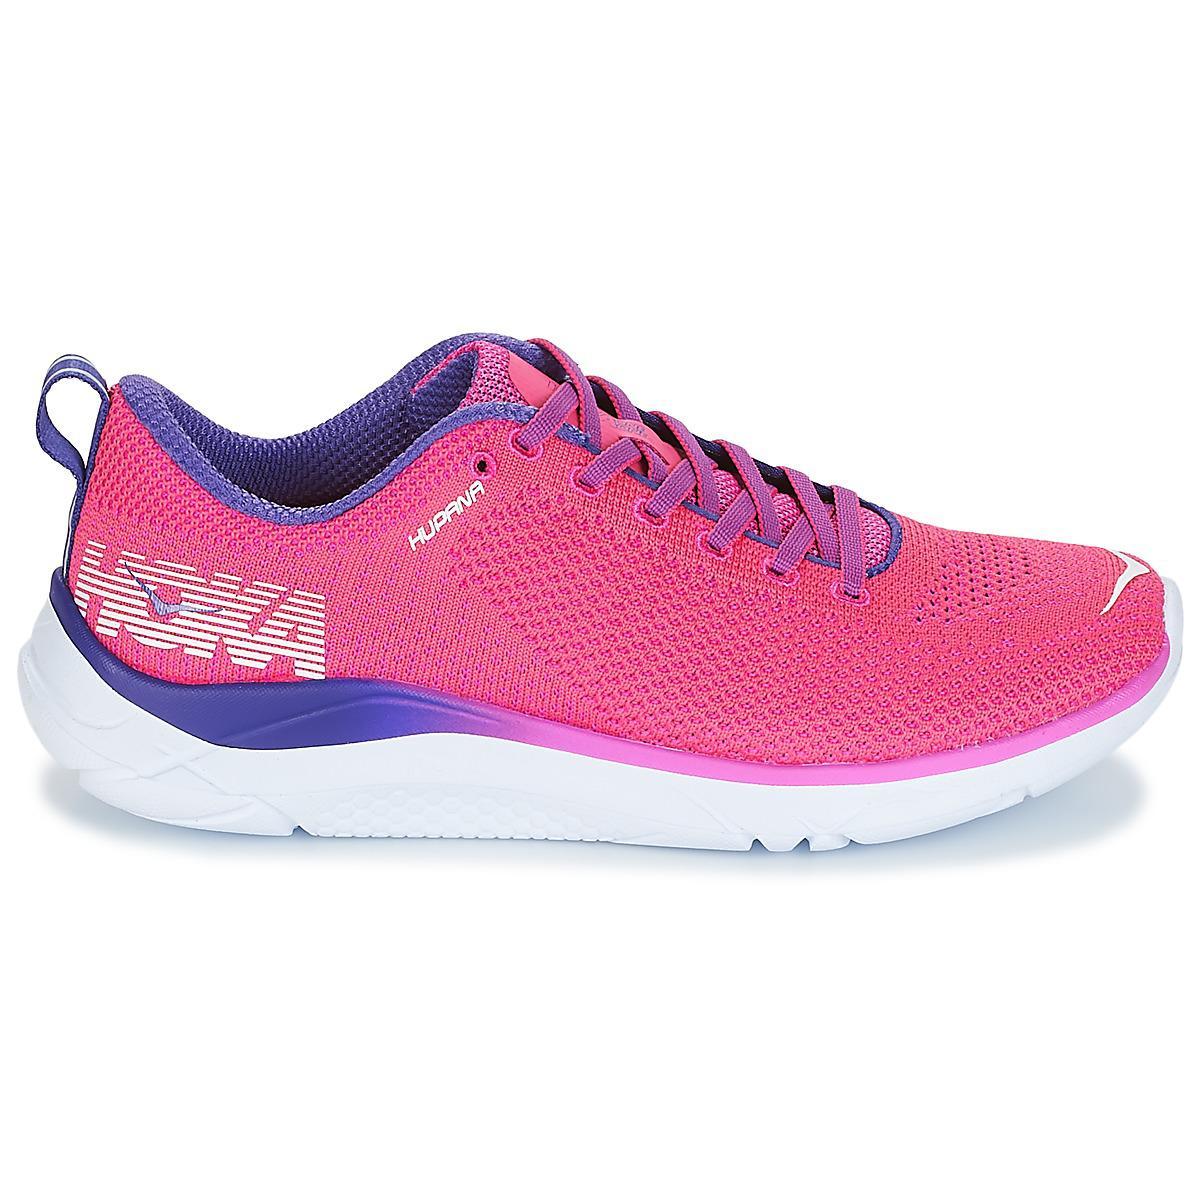 Hoka One One Hupana Women's Running Trainers In Pink